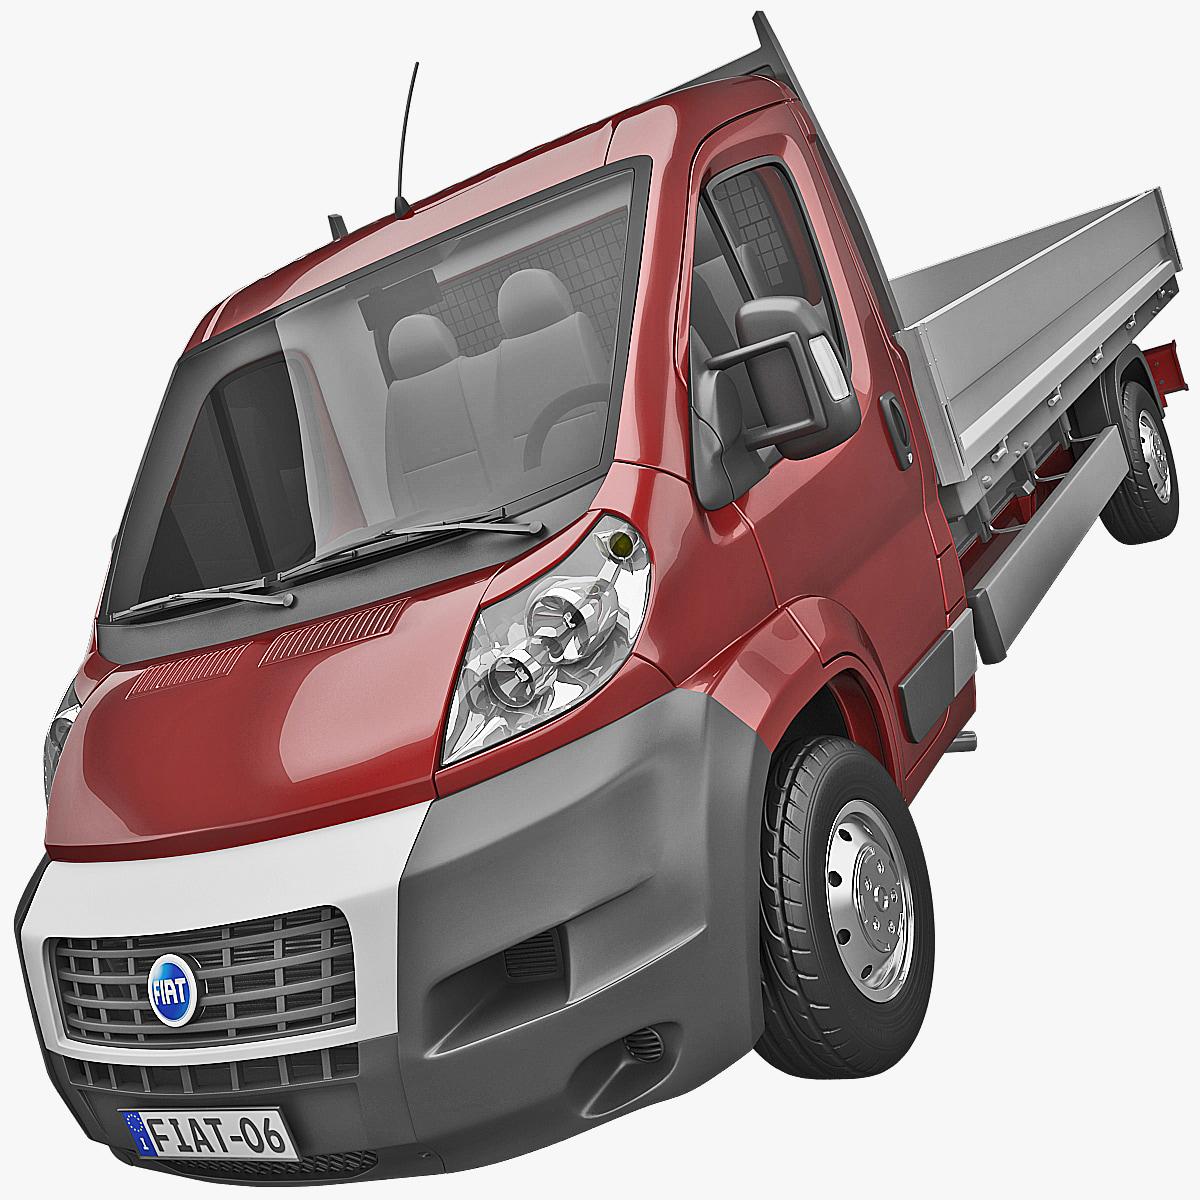 Fiat_Ducato_Dropside_000.jpg